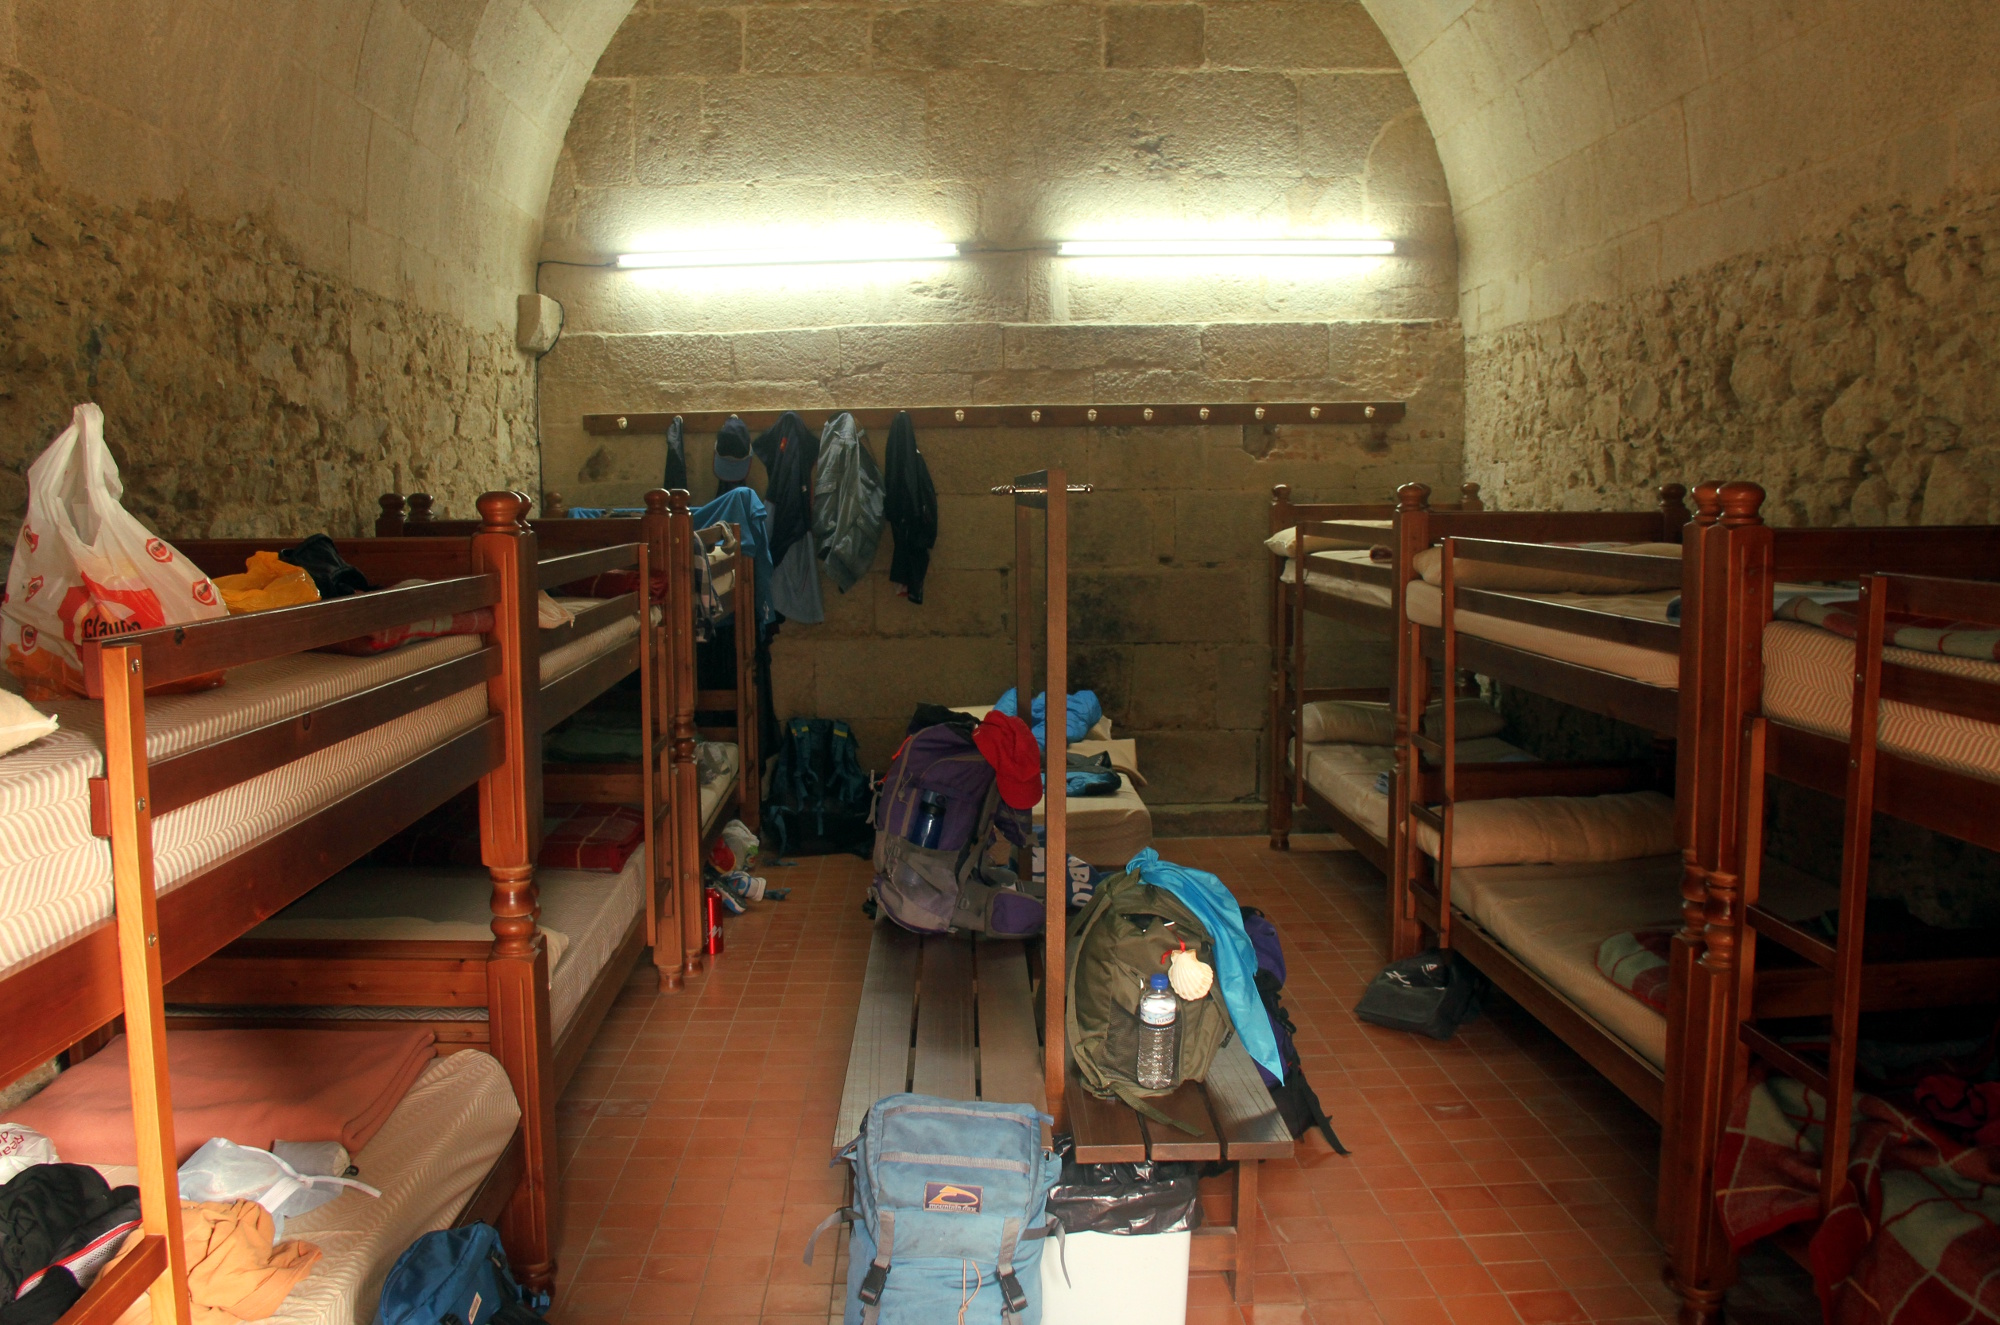 Vista de um dos quartos de peregrinos no Sobrado dos Monxes, na Galícia (foto: Eduardo Vessoni)